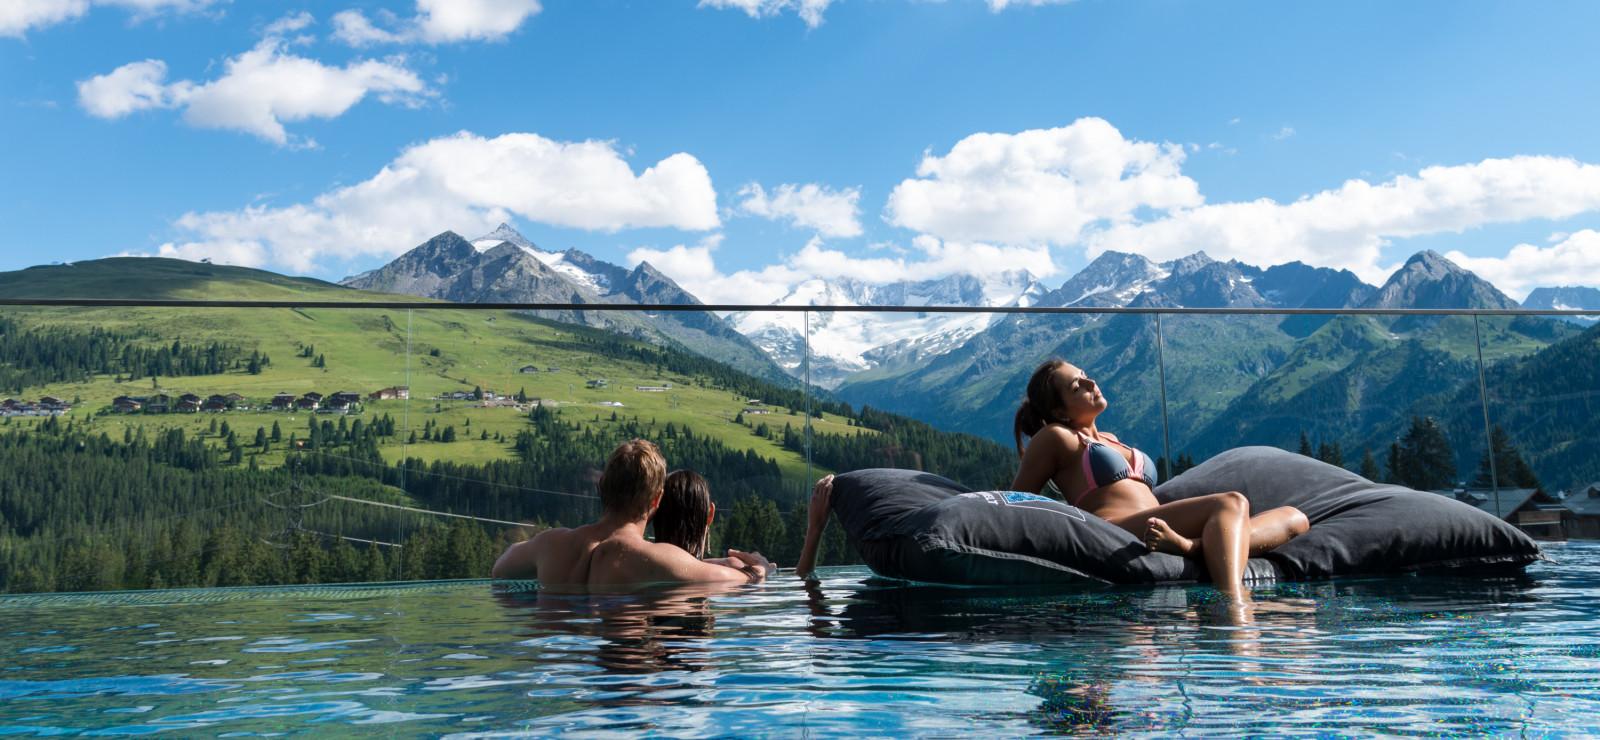 Das Alpenwelt Resort Bilder | Bild 1